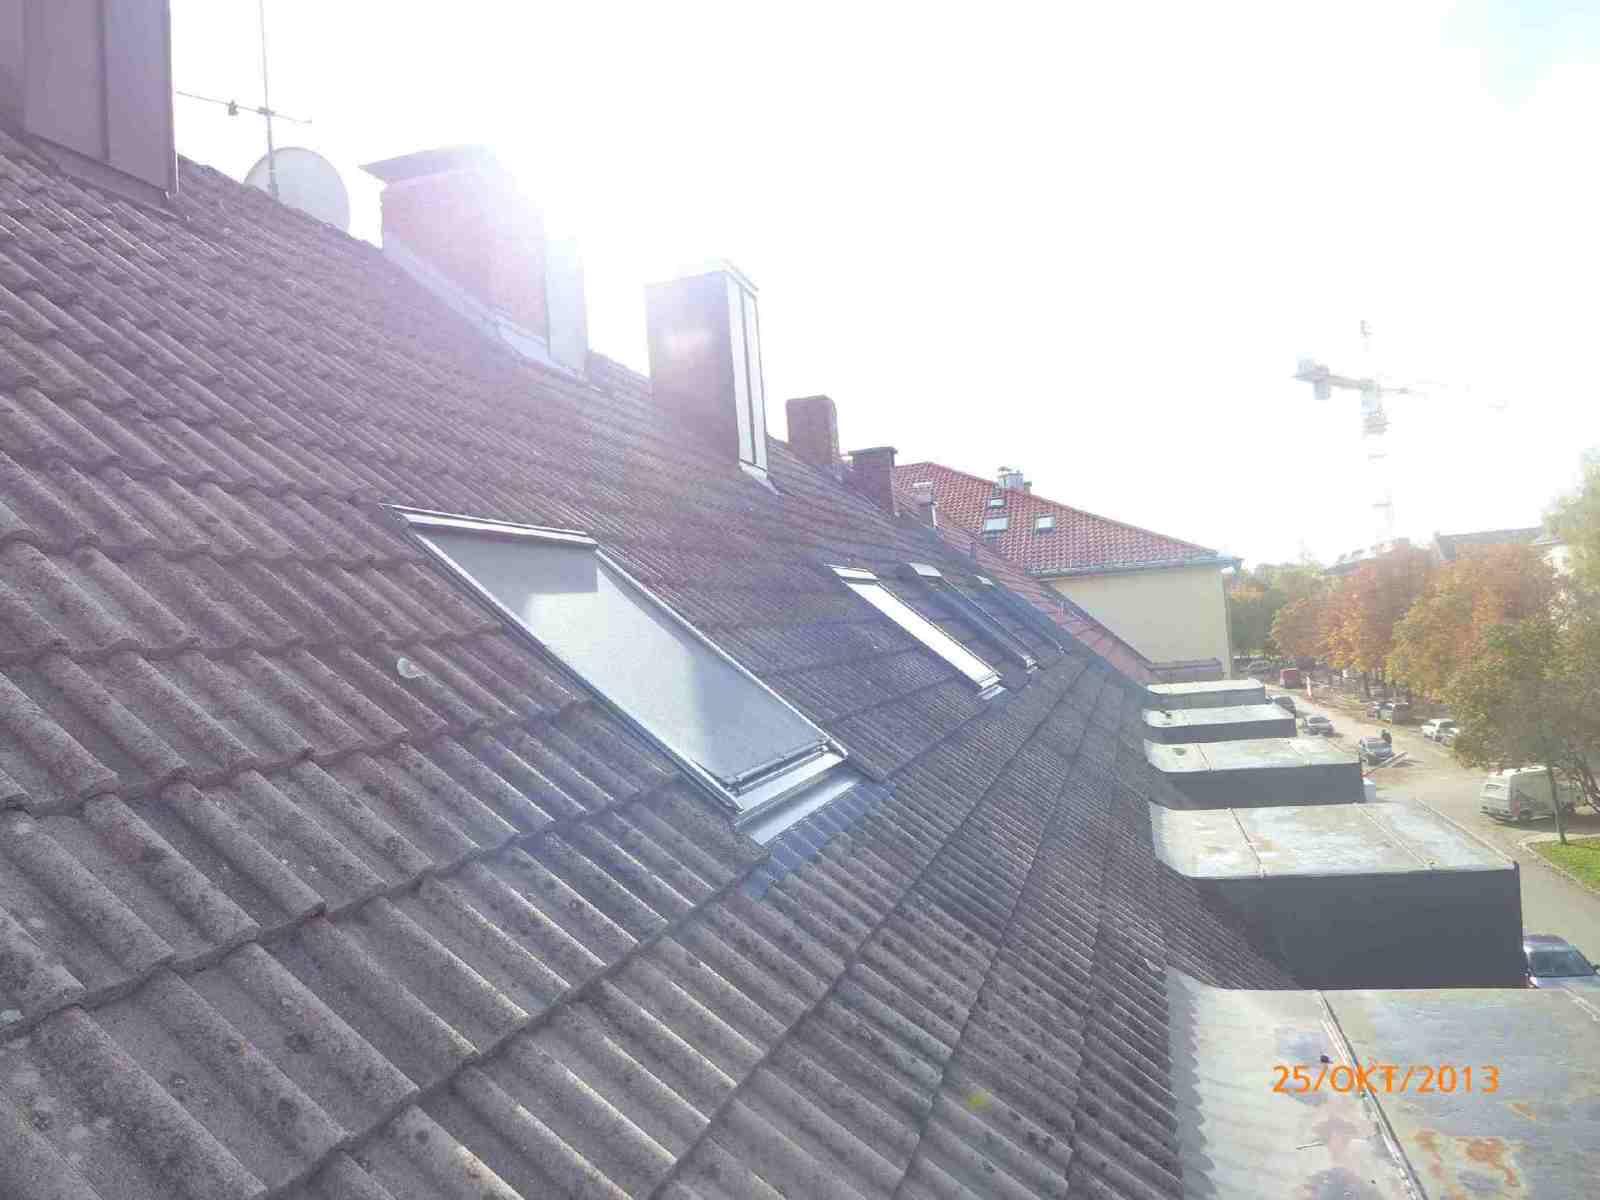 Dachsanierung-MÅnchen-KFW-4